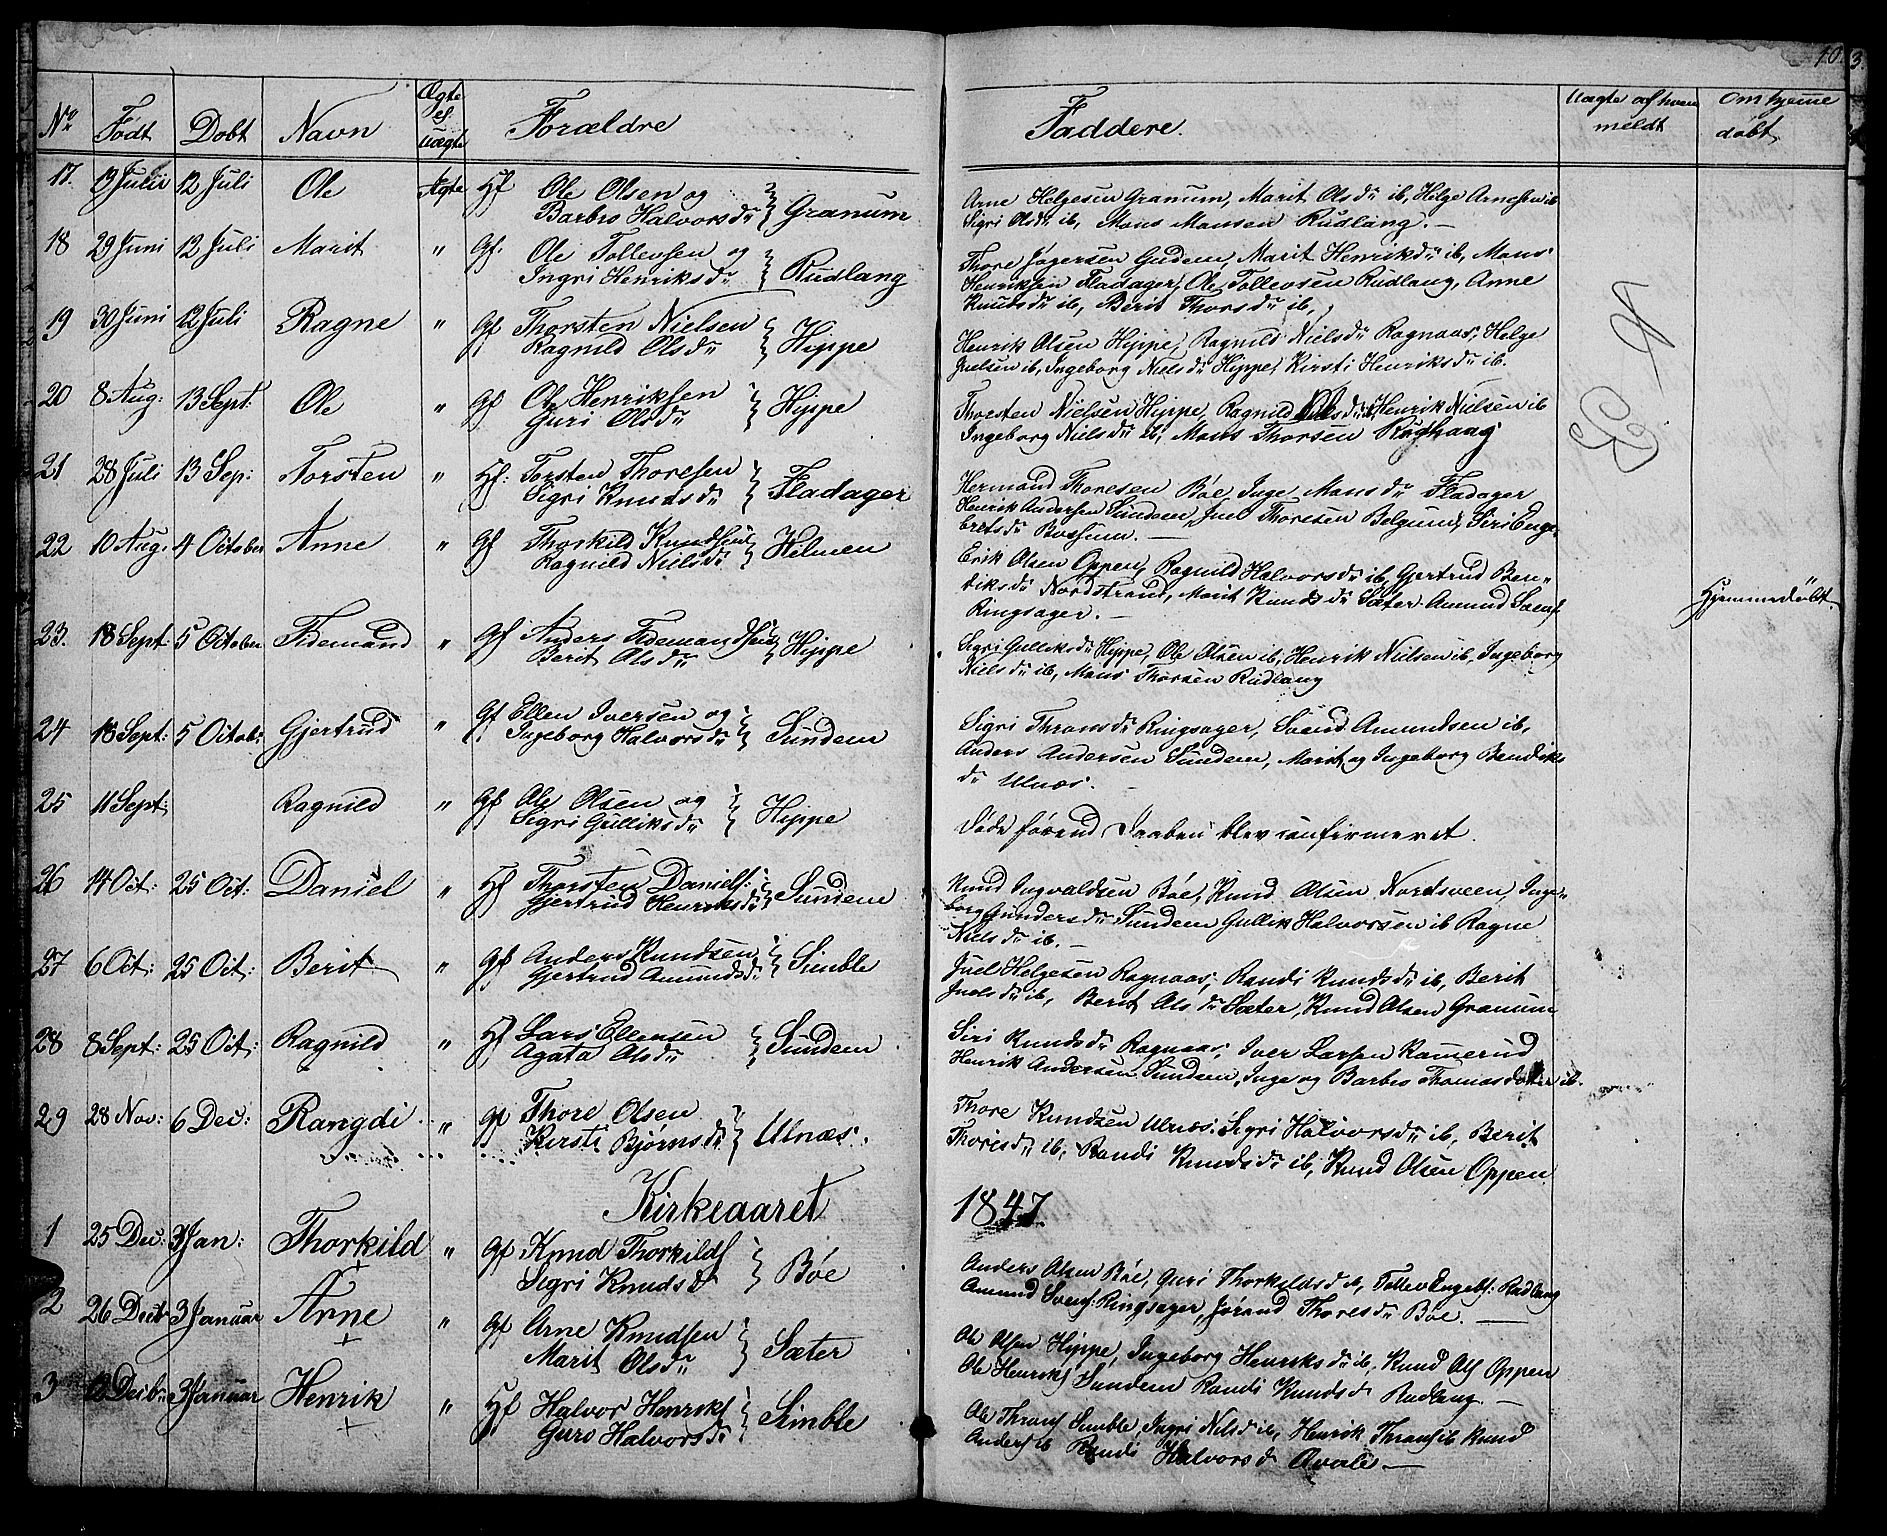 SAH, Nord-Aurdal prestekontor, Klokkerbok nr. 4, 1842-1882, s. 10